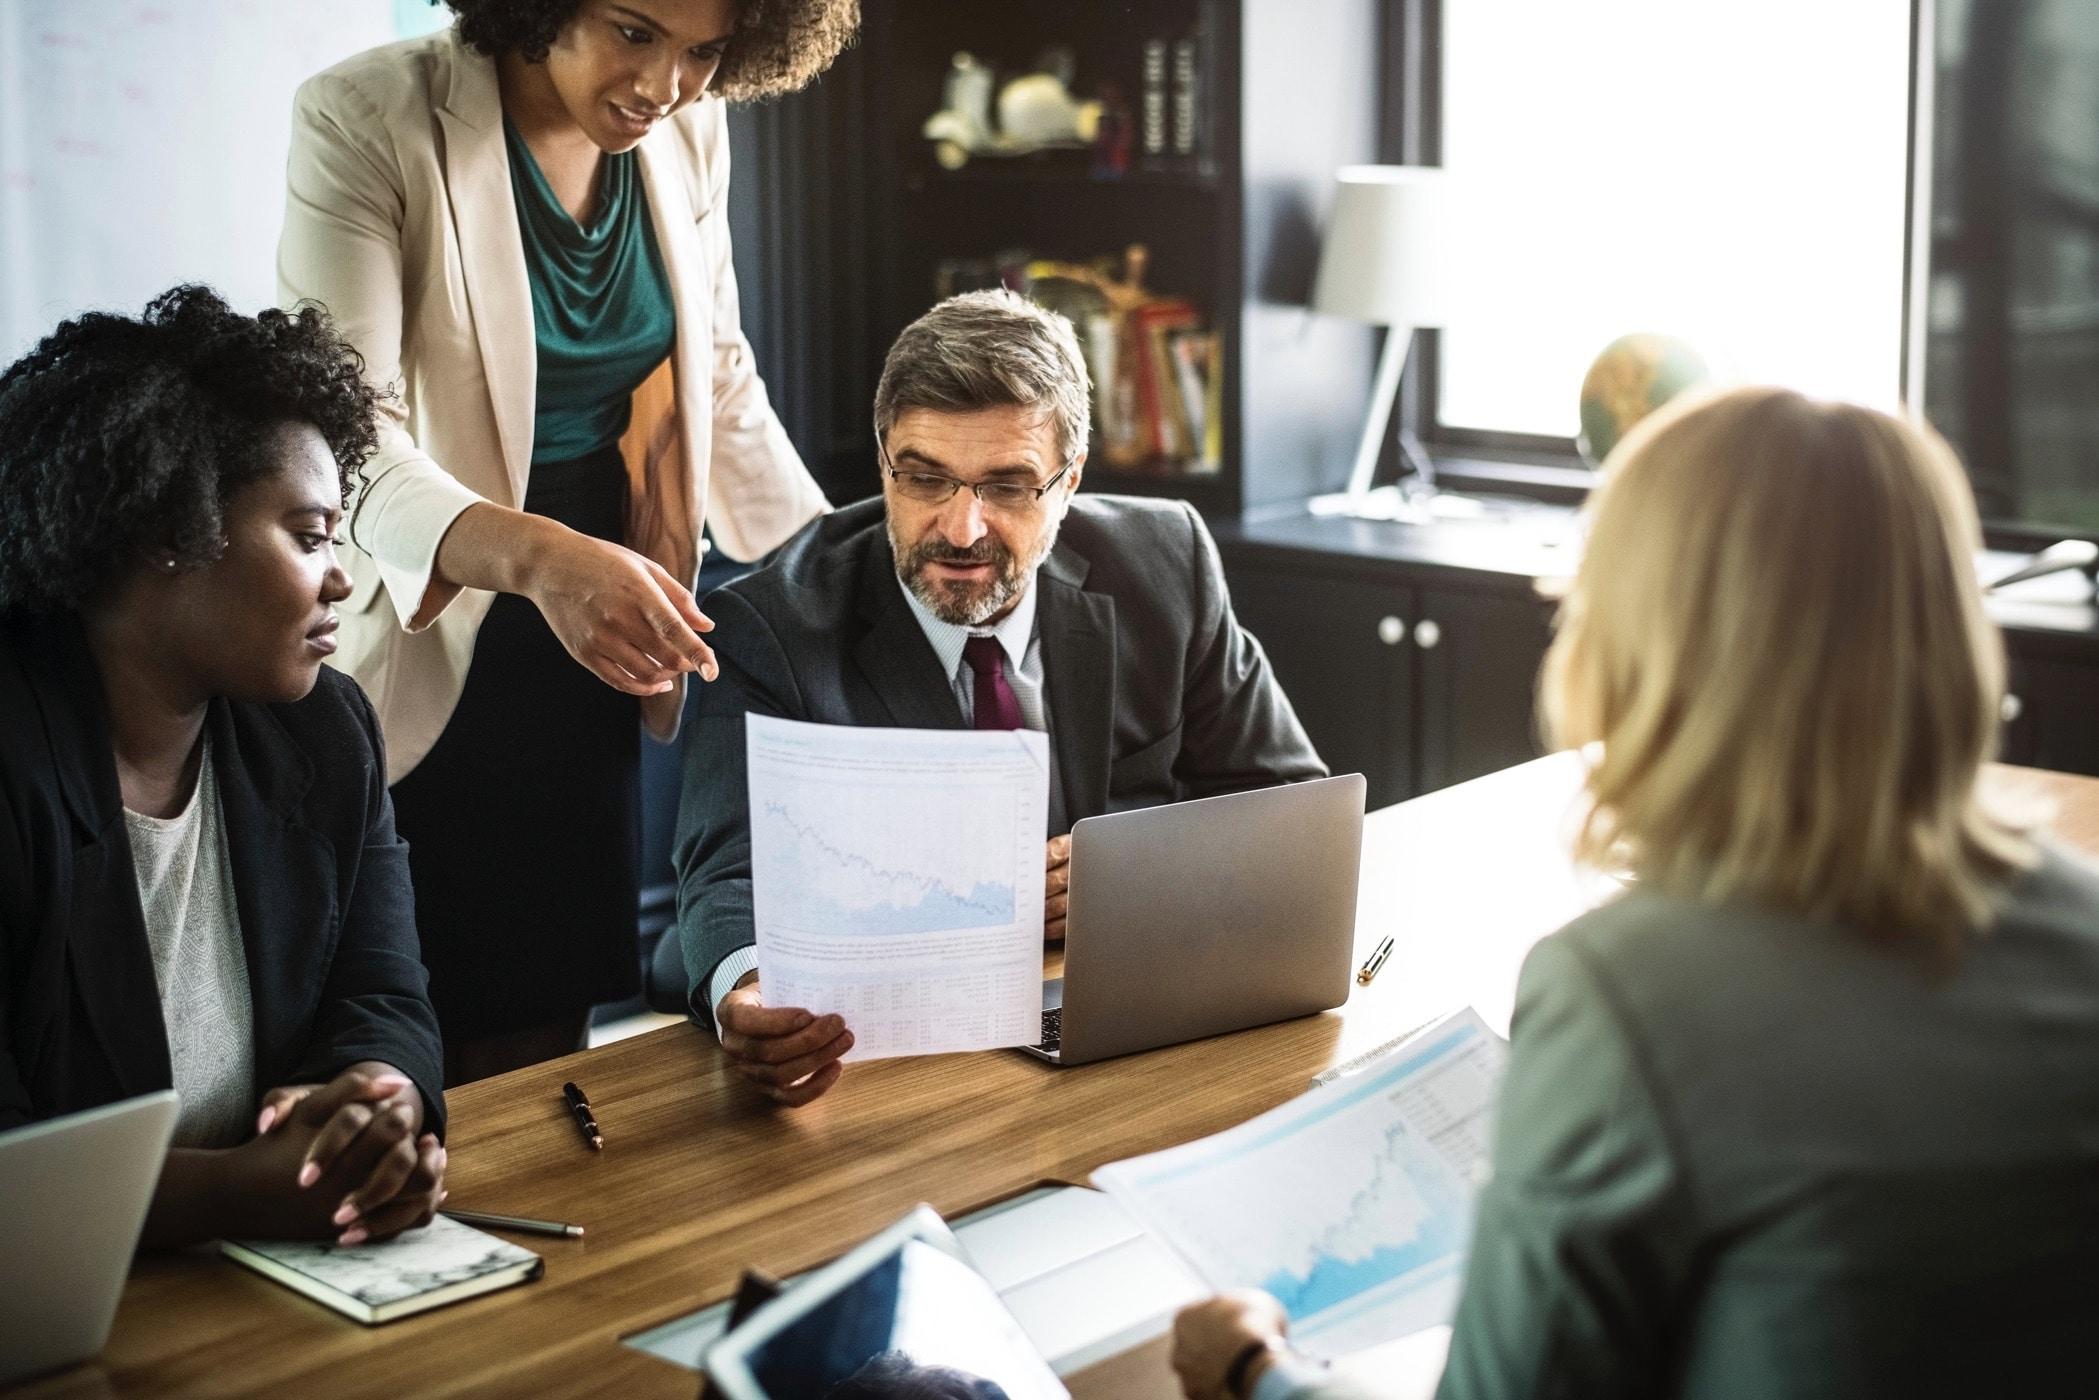 Gewusst wie: Den Arbeitsalltag mit Social Collaboration produktiver gestalten